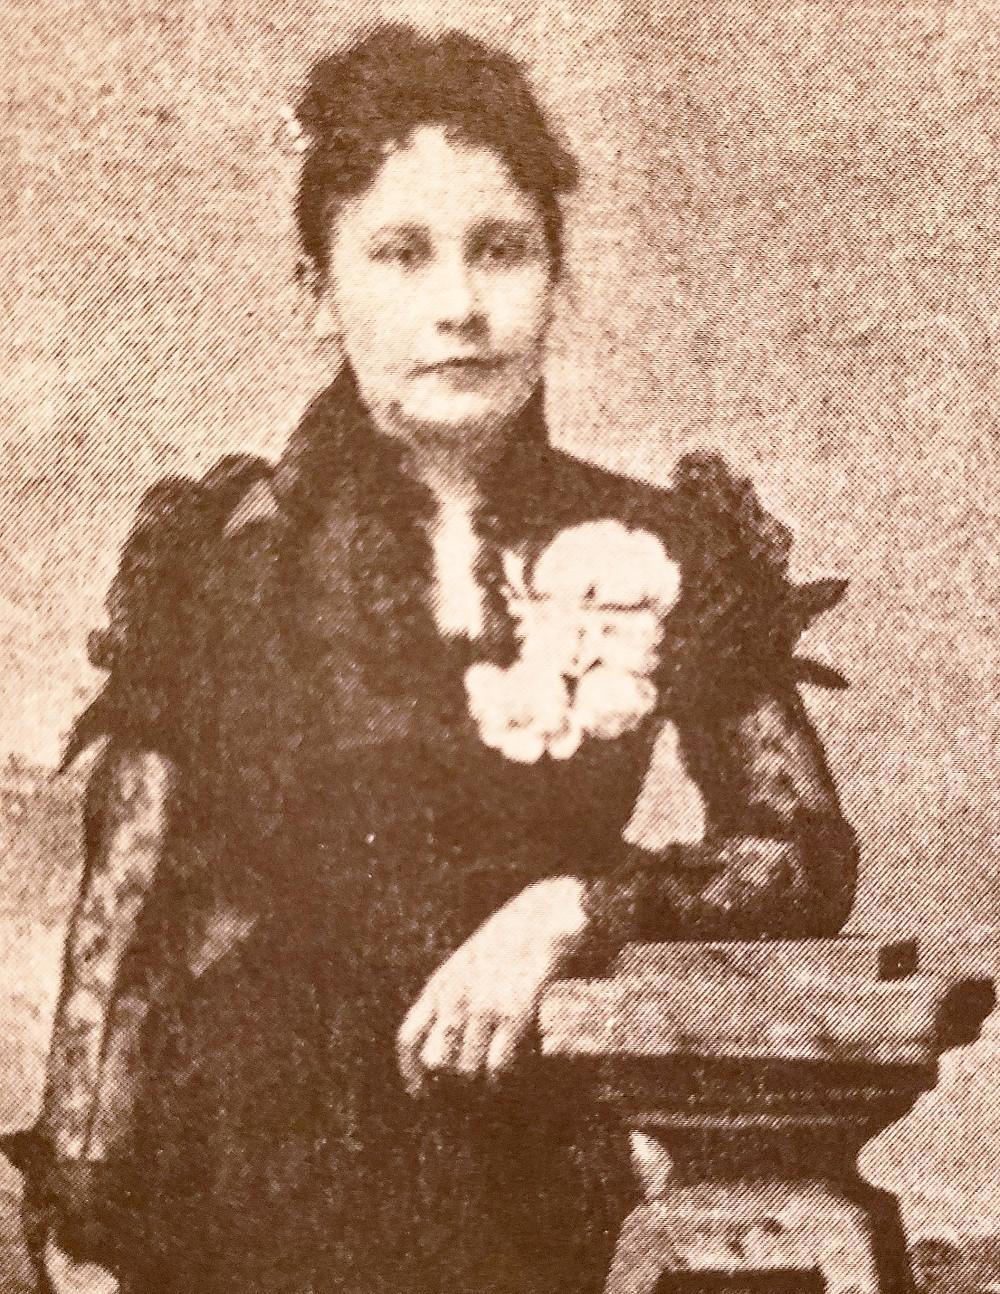 Jennie Adams McGaa